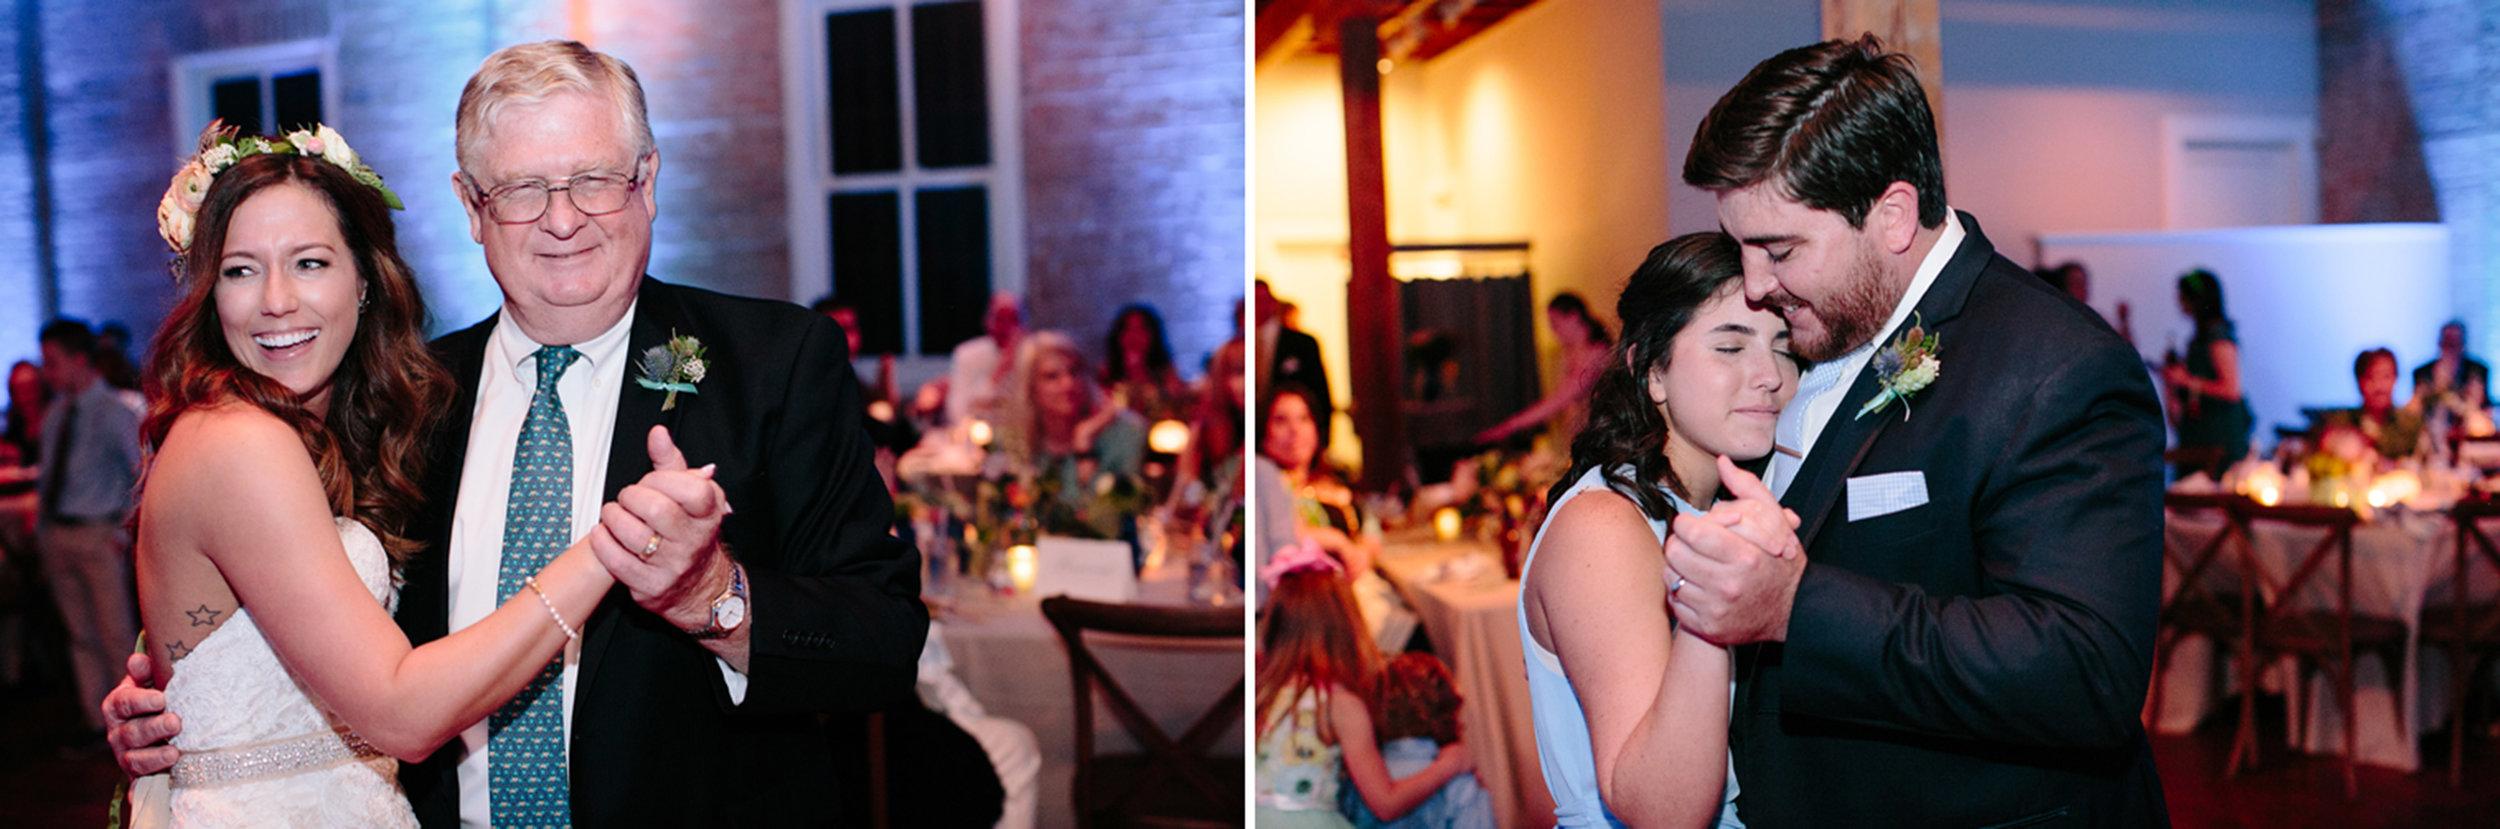 Austin_WeddingPhotographer035.jpg